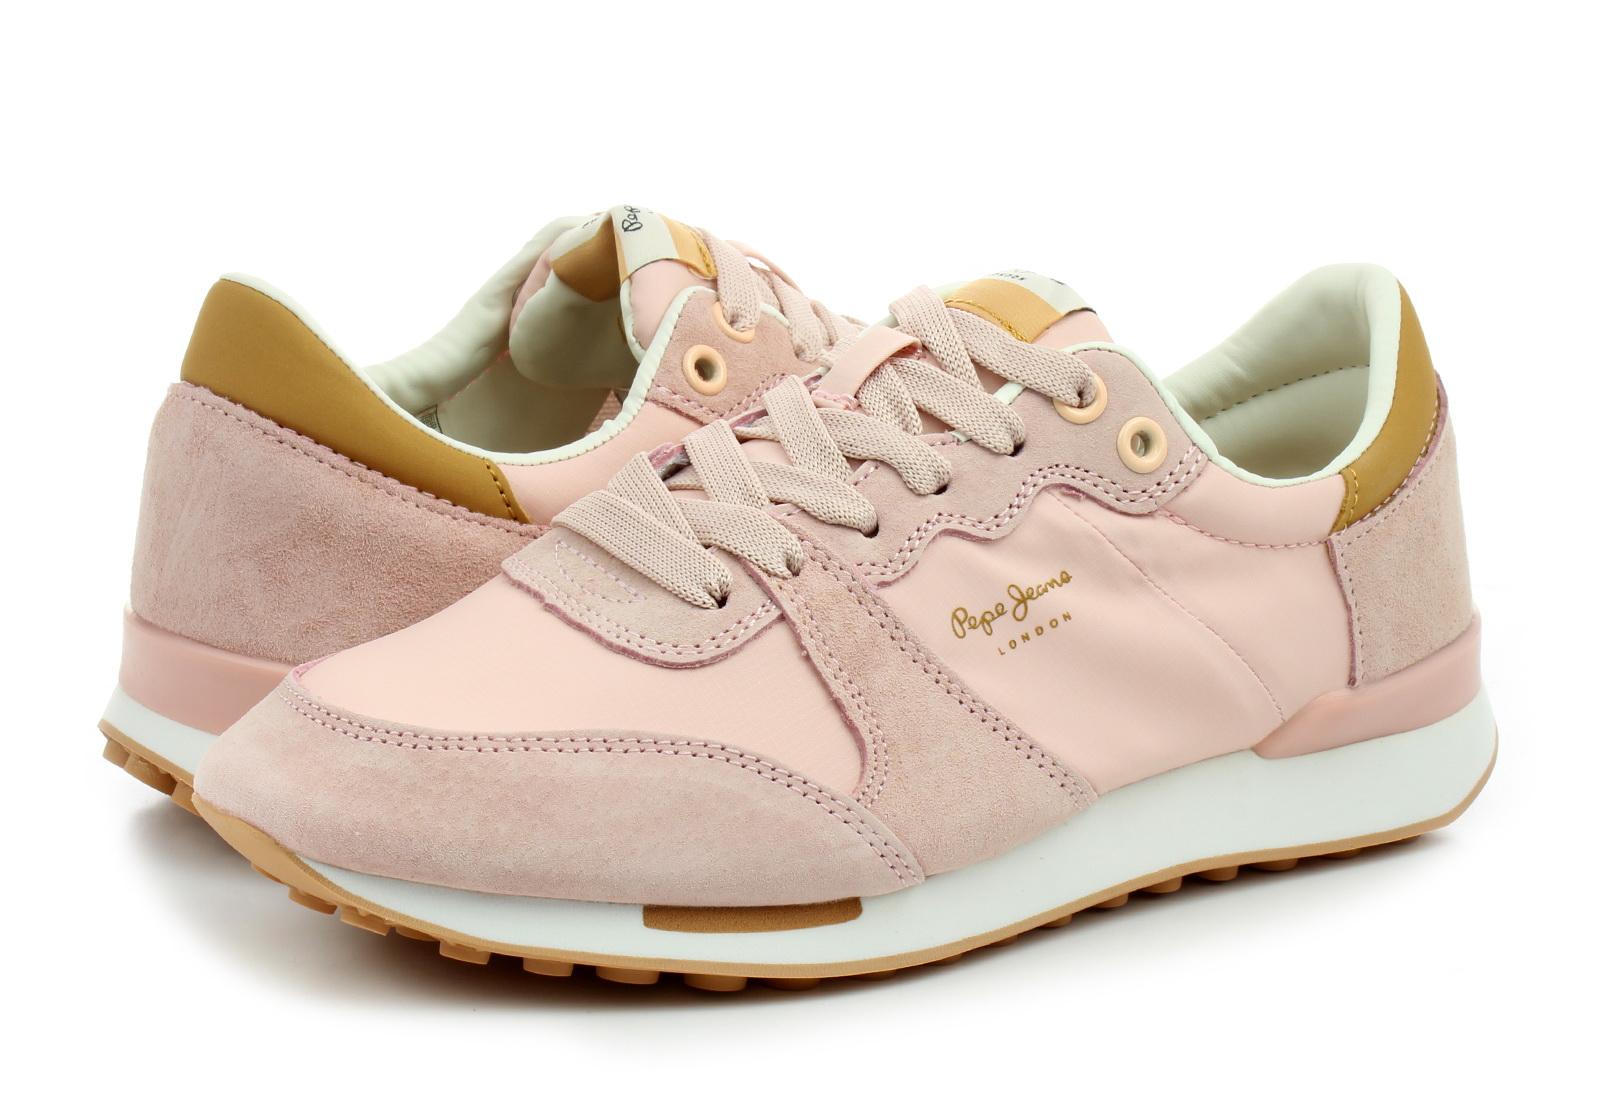 c8416395b Pepe Jeans Nízké Boty - Bimba Soft - PLS30861325Značková obuv a ...